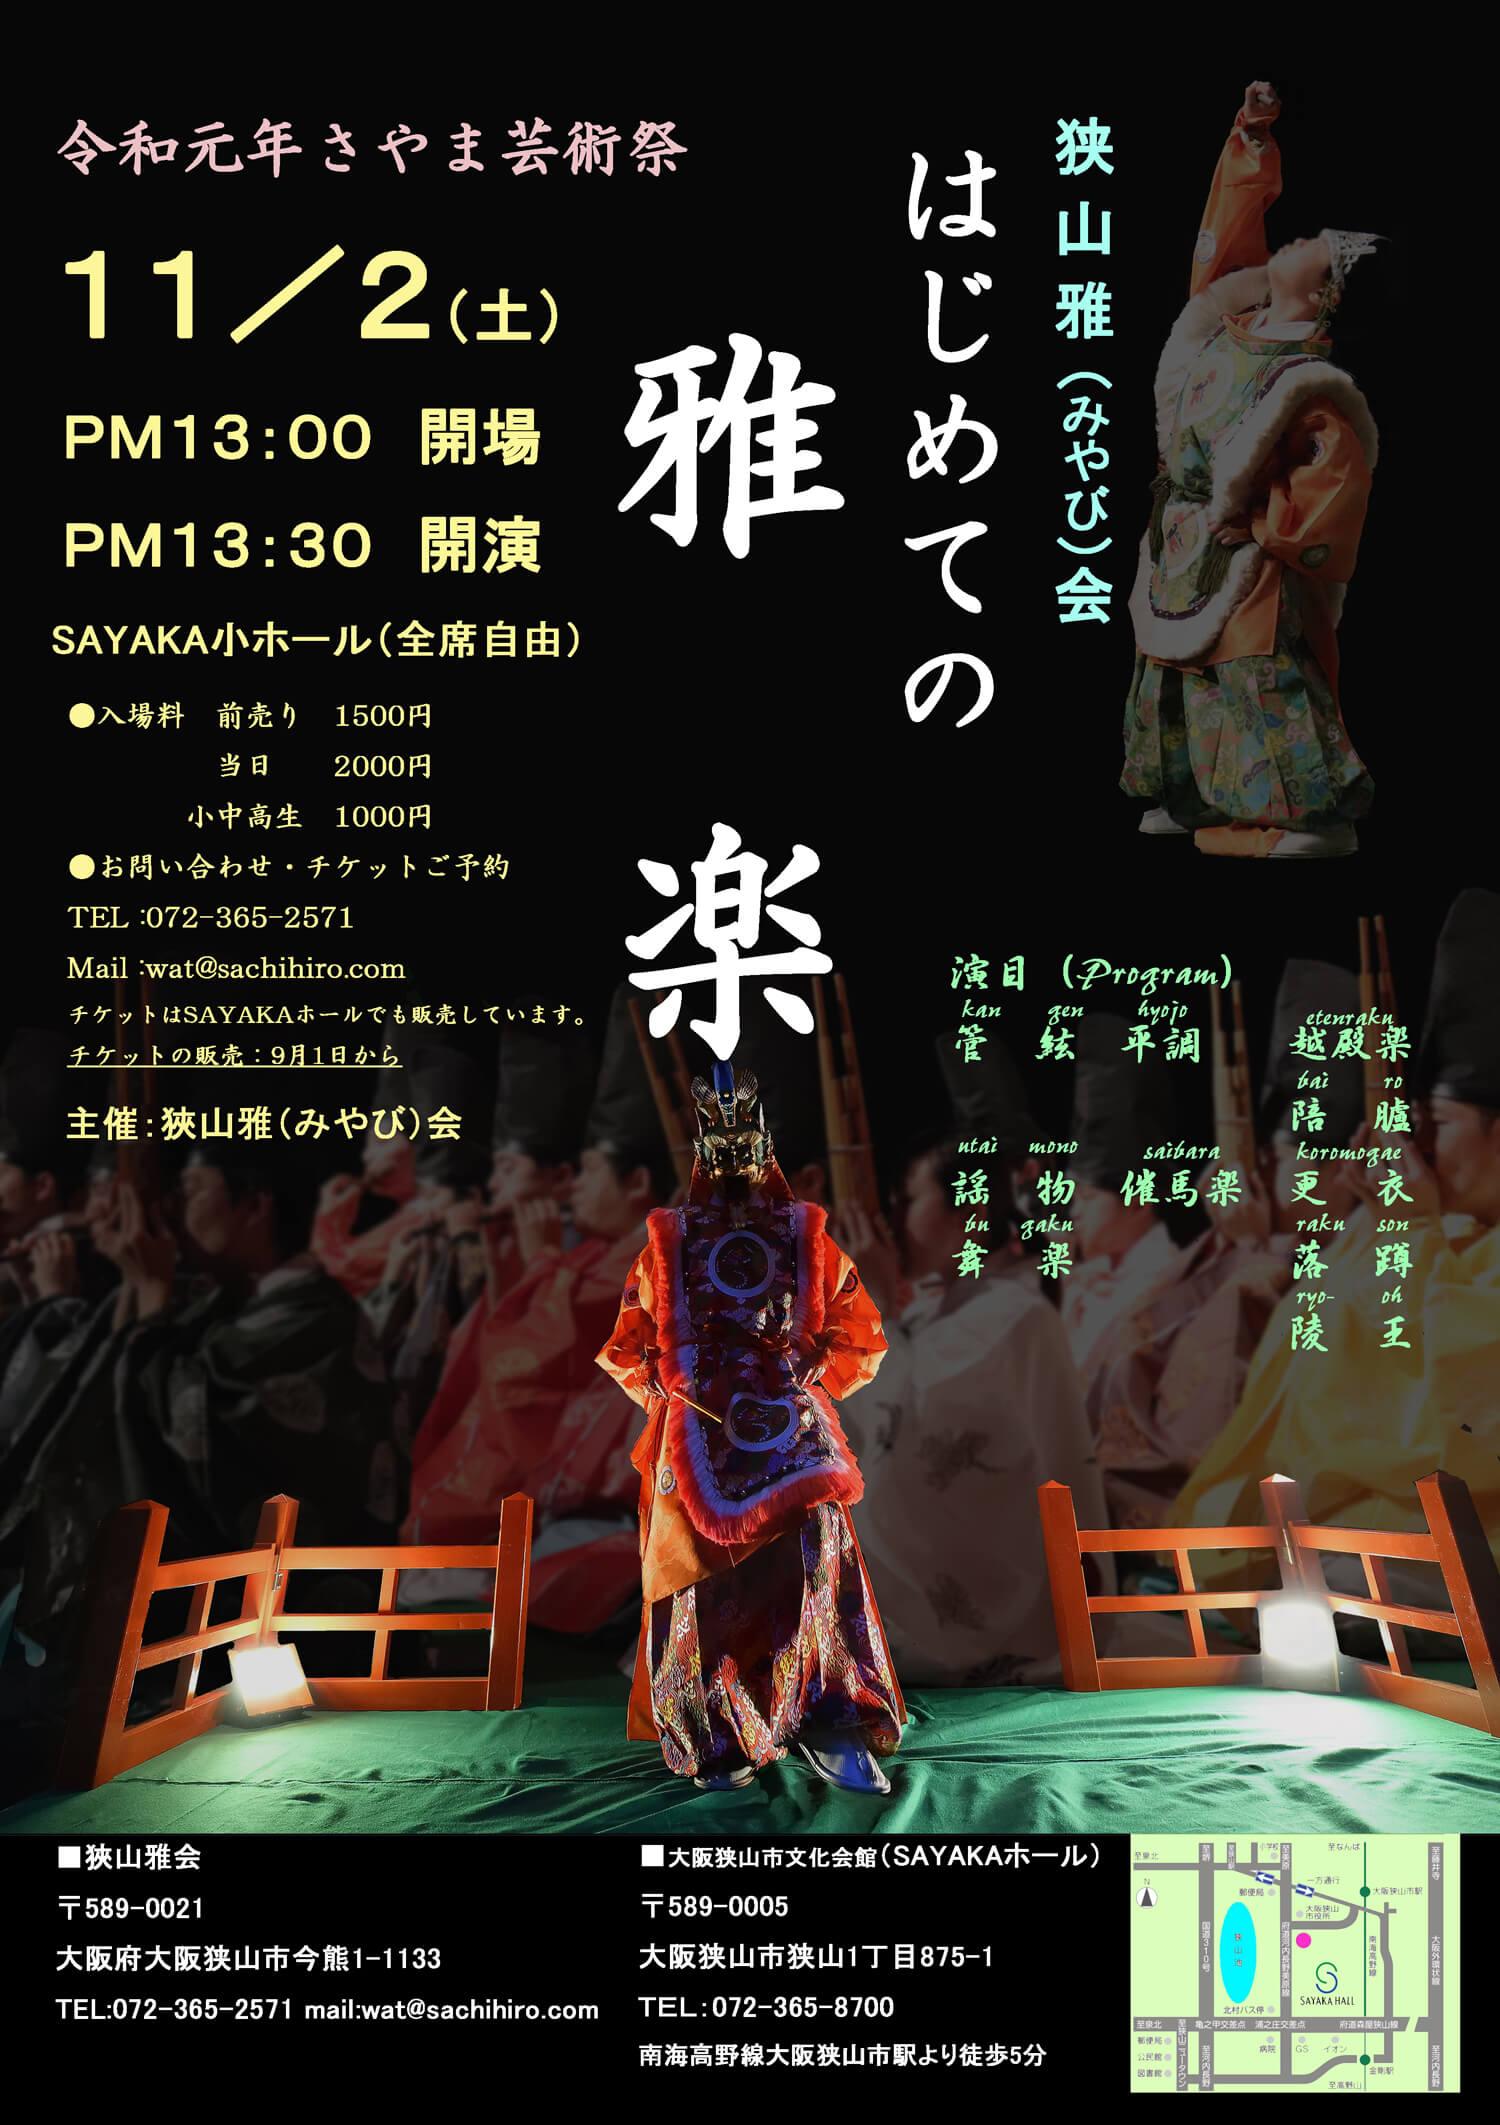 「はじめての雅楽~狭山雅(みやび)会が演奏します~」が2019年11月2日にSAYAKAホールで開催